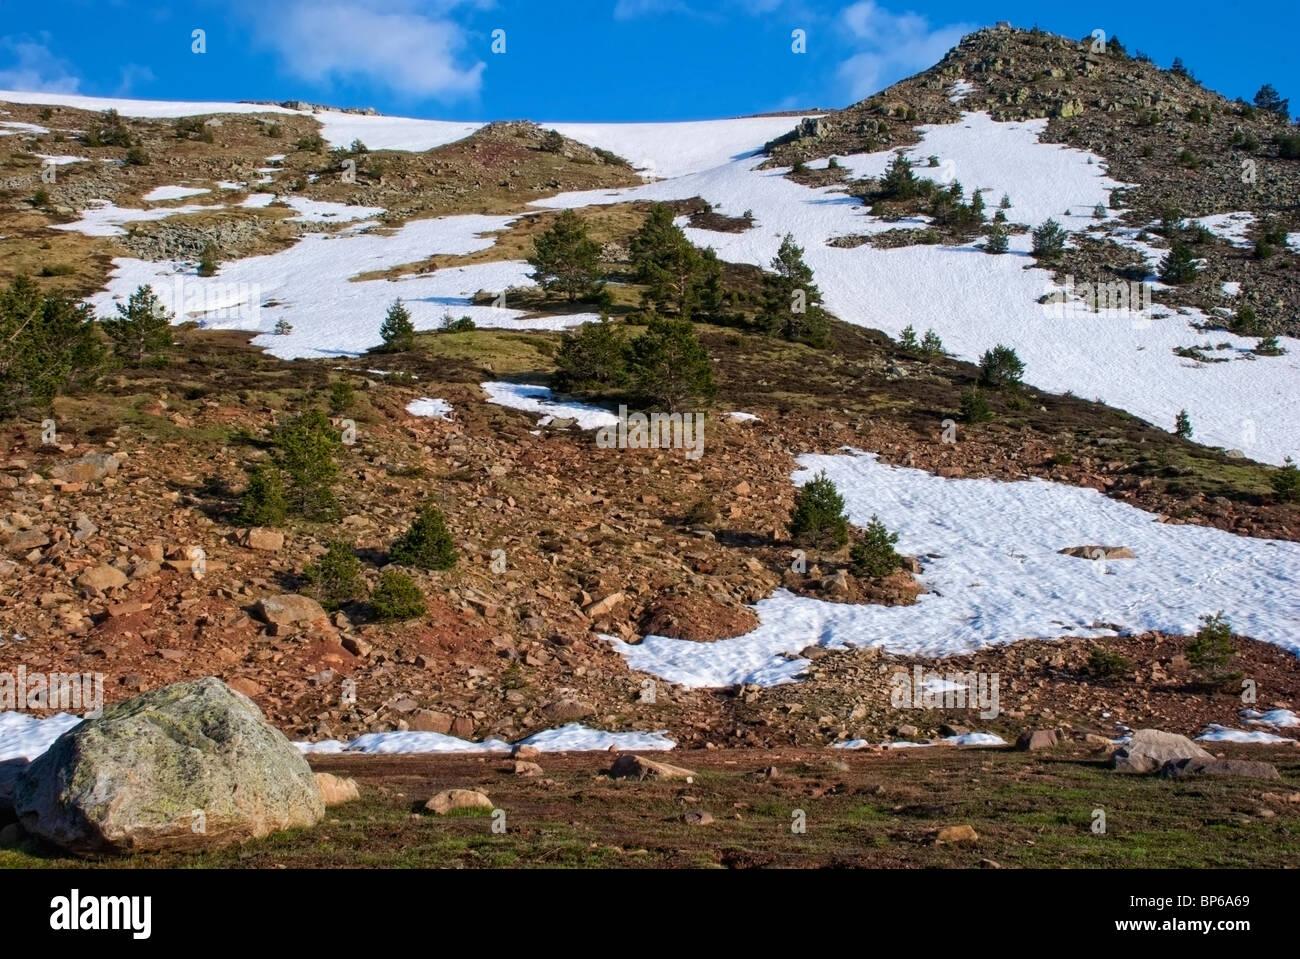 Lagunas Glaciares de Neila Natural Park. Burgos province. Castilla y Leon. Spain. - Stock Image